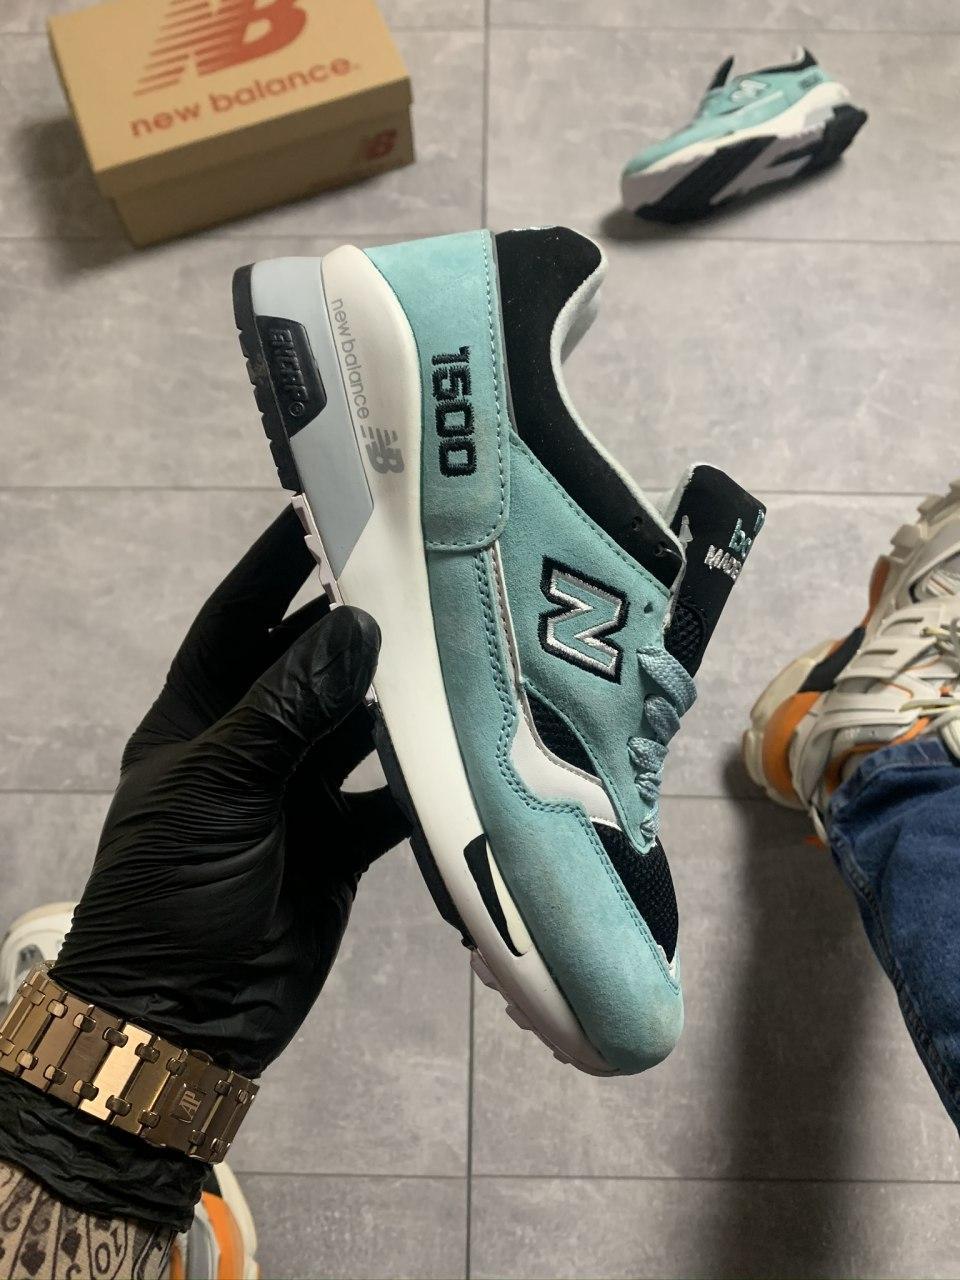 New Balance 1500 Turquoise